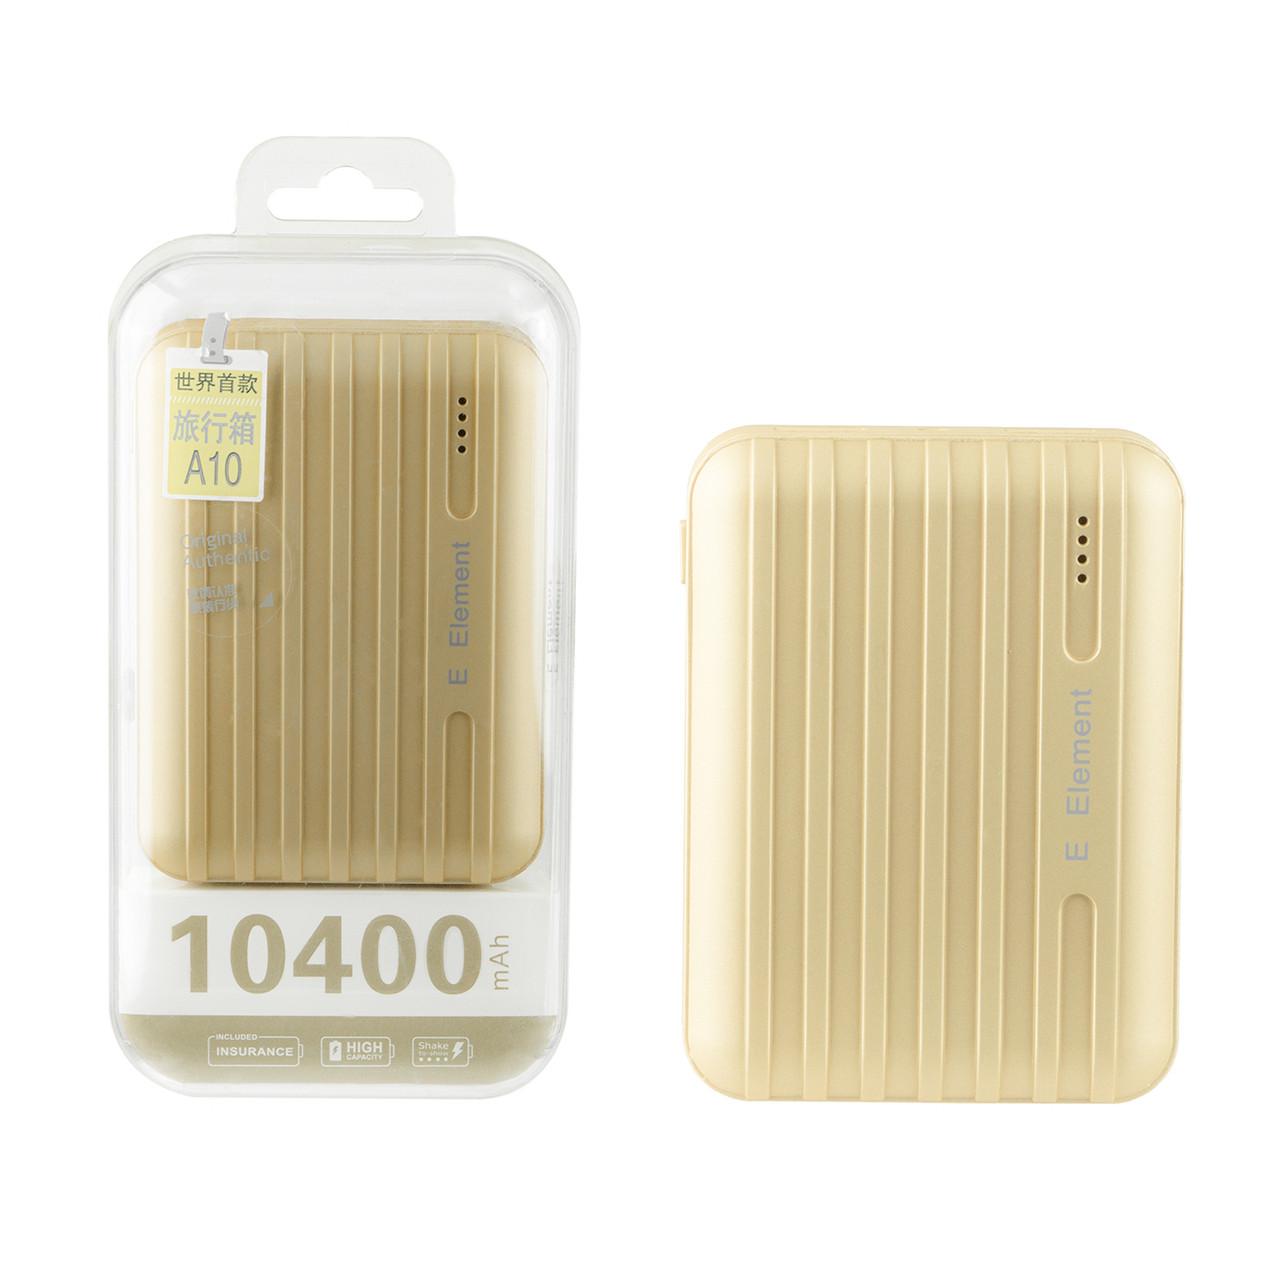 Power bank E Element A10 10400mAh 2XUSB Gold